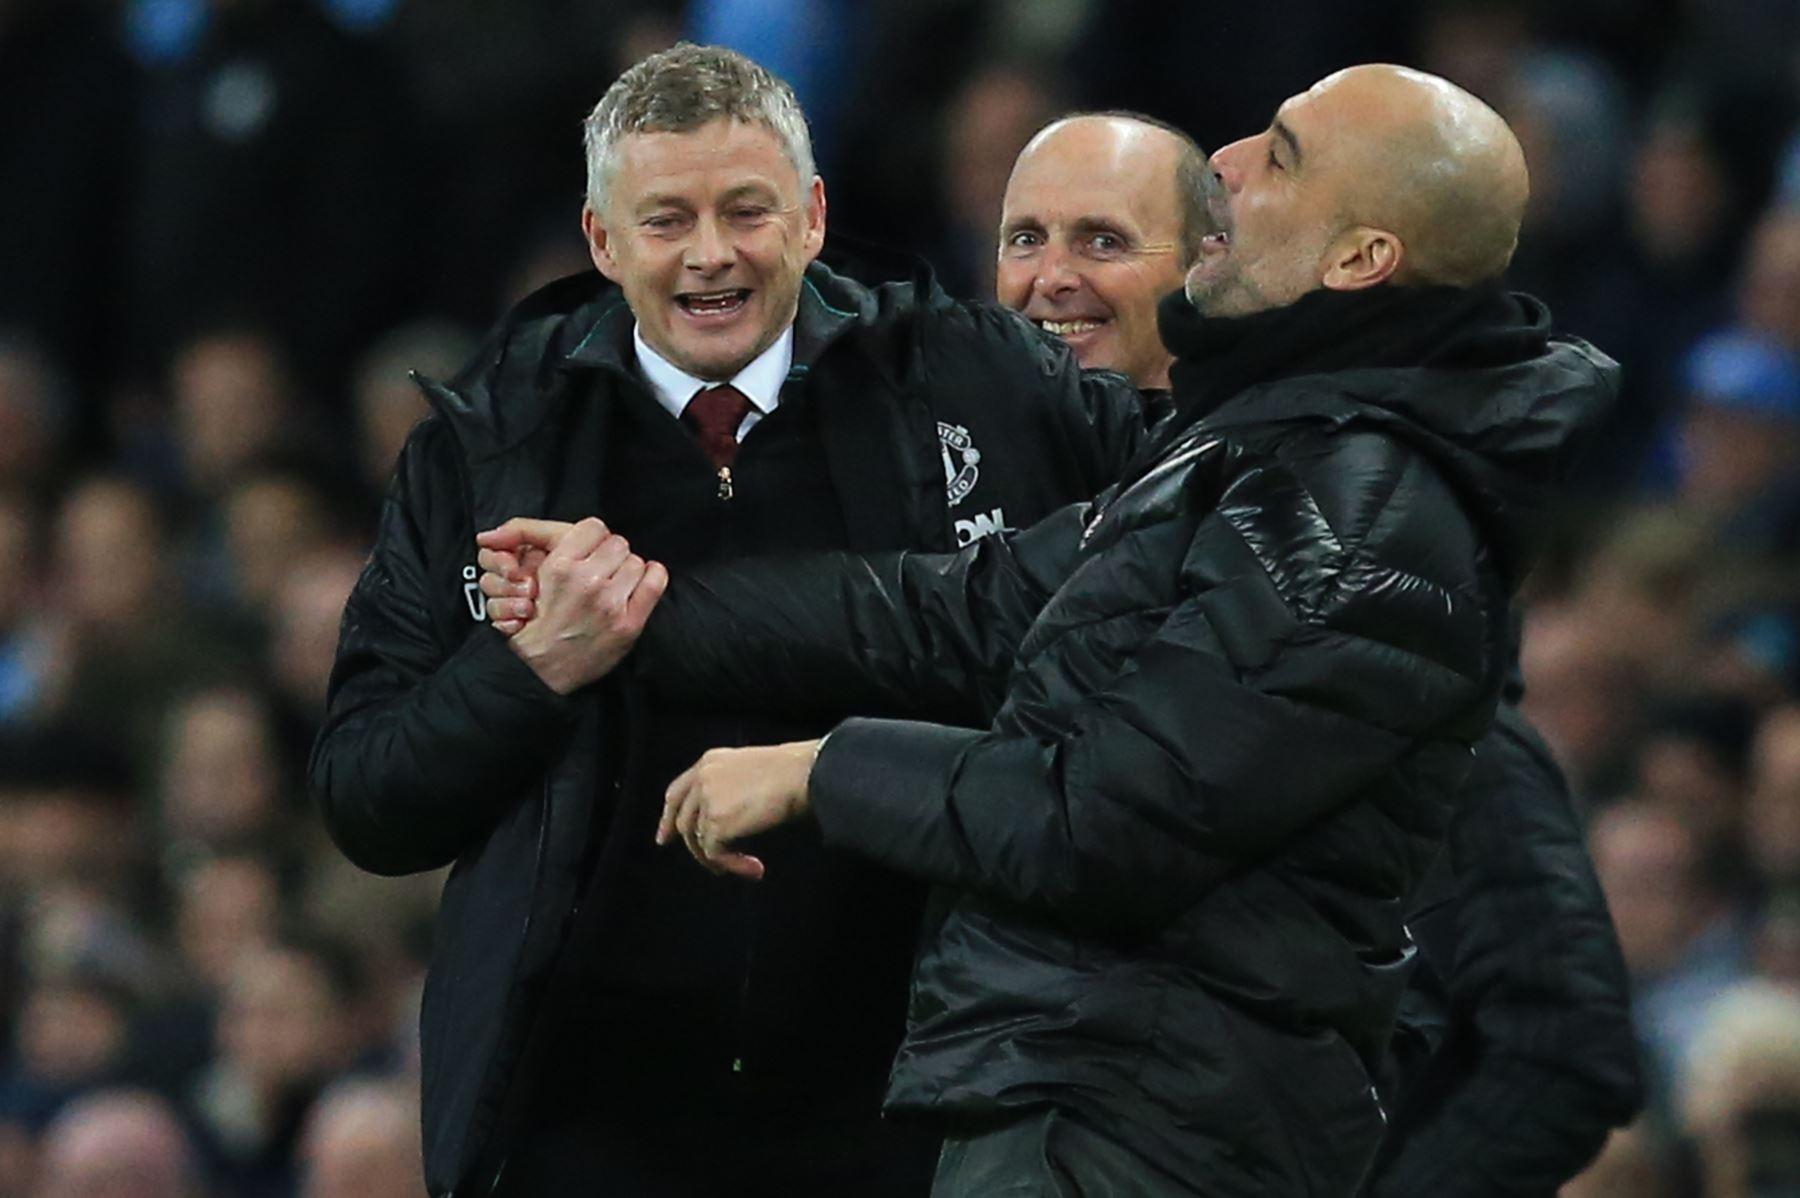 El manager noruego del Manchester United, Ole Gunnar Solskjaer , bromea con el manager español del Manchester City Pep Guardiola  durante el partido de fútbol de la Premier League inglesa entre el Manchester City y el Manchester United. Foto: AFP